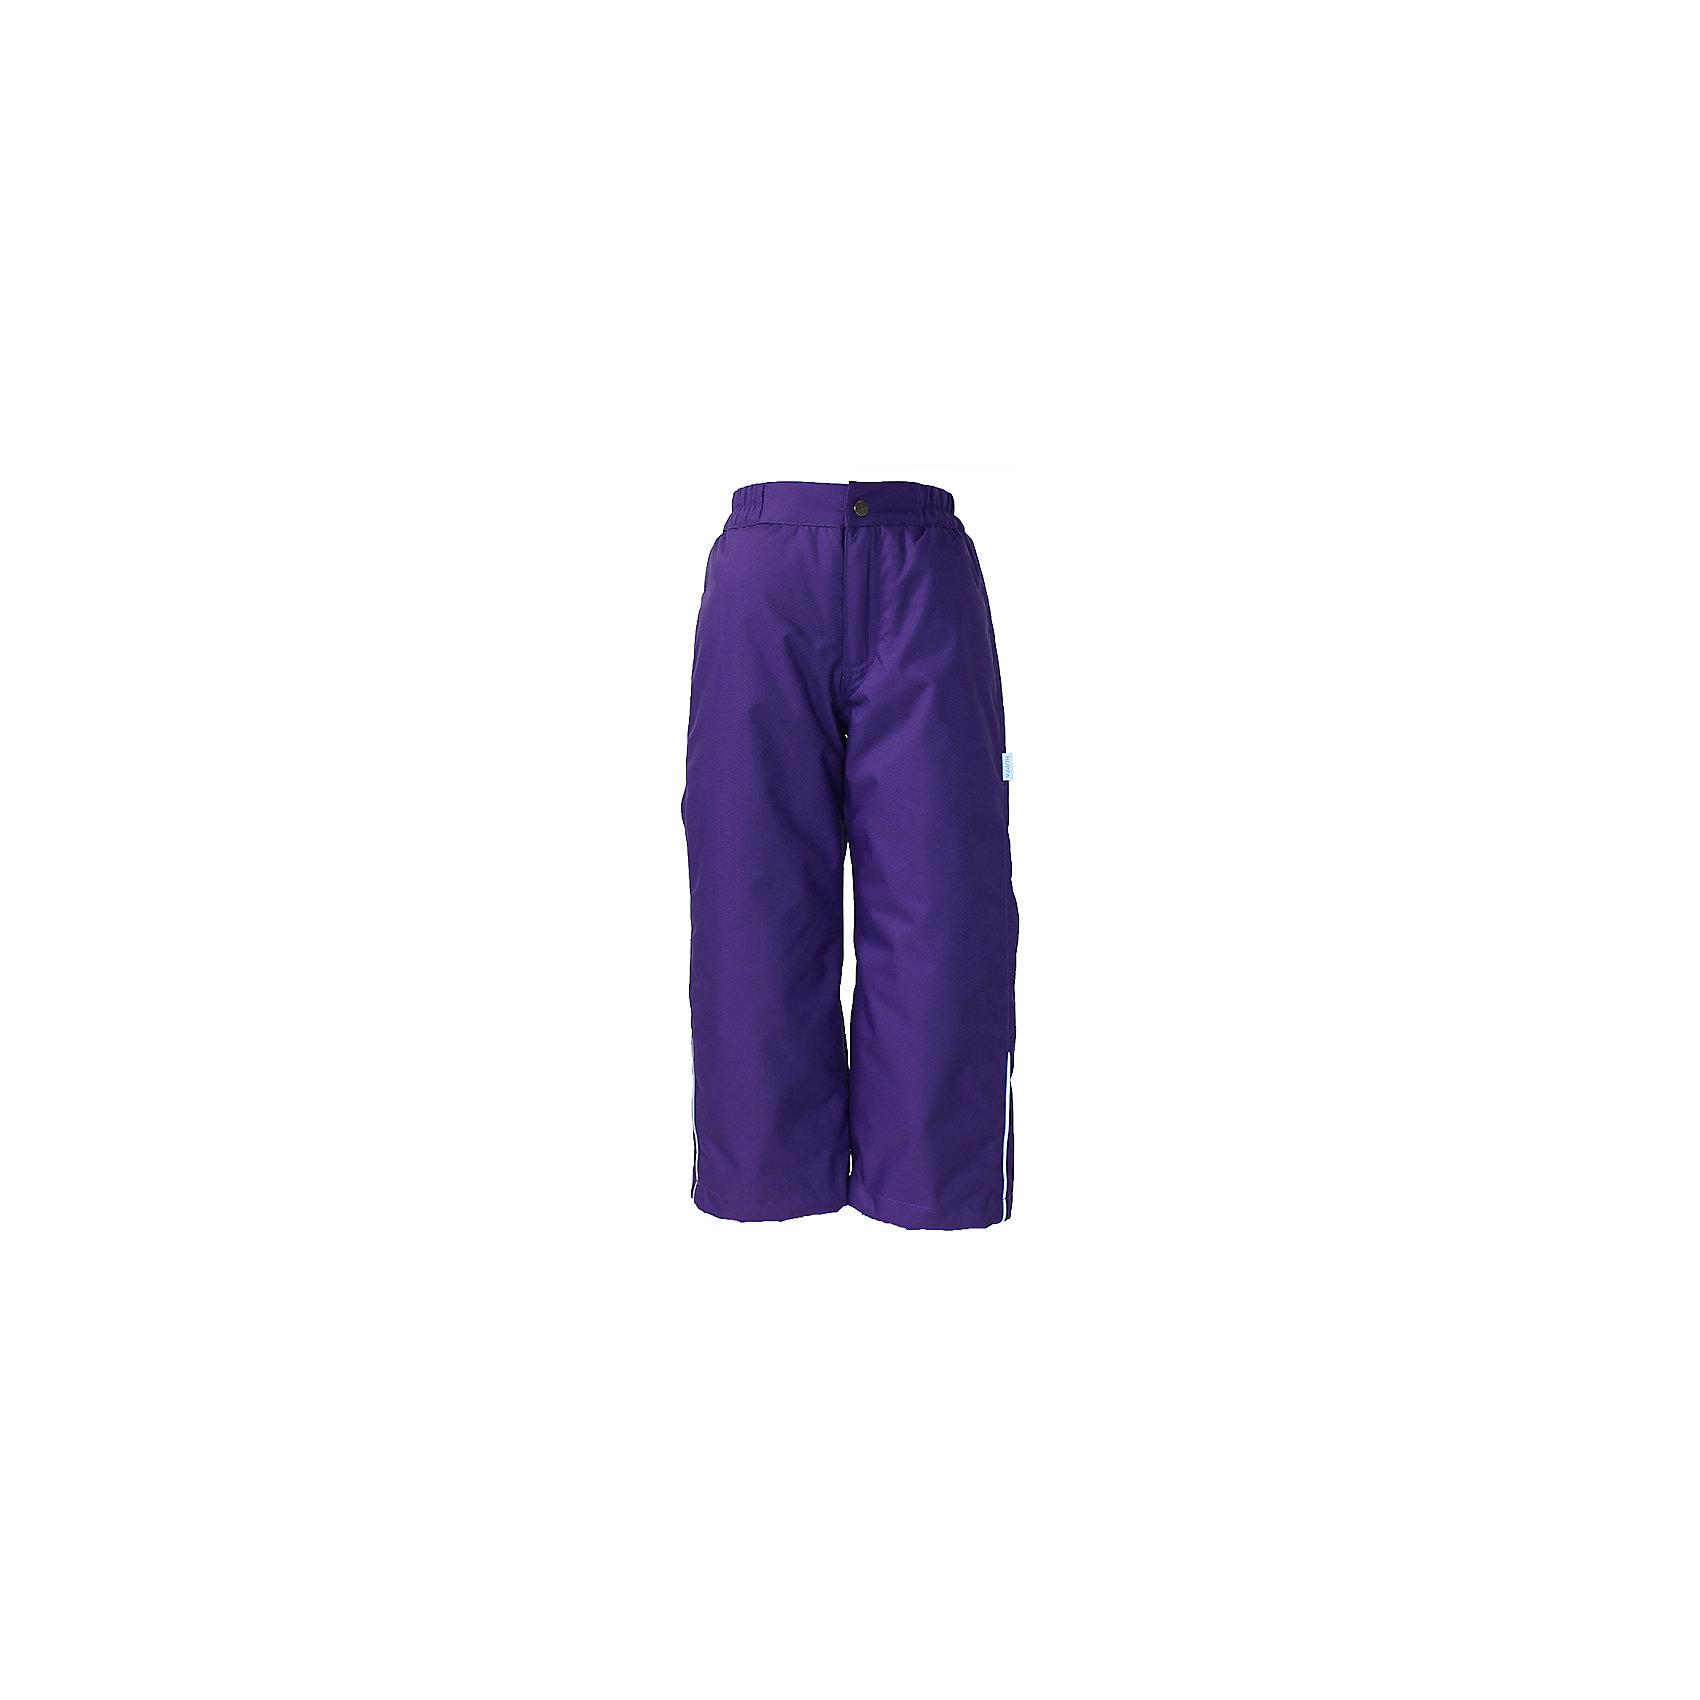 Брюки HuppaВерхняя одежда<br>Брюки от известного бренда Huppa.<br>Брюки для детей FREJA 1, водо и воздухонепроницаемость 10 000, утеплитель 160 гр, все швы проклеены, внутренние швы отсутствуют. Регулируемые низы, имеются петли для подтяжек. Внутренняя снегозащита штанов.<br>Состав:<br>100% Полиэстер<br><br>Ширина мм: 215<br>Глубина мм: 88<br>Высота мм: 191<br>Вес г: 336<br>Цвет: фиолетовый<br>Возраст от месяцев: 156<br>Возраст до месяцев: 168<br>Пол: Унисекс<br>Возраст: Детский<br>Размер: 164,140,128,134,146,152,158<br>SKU: 5089414